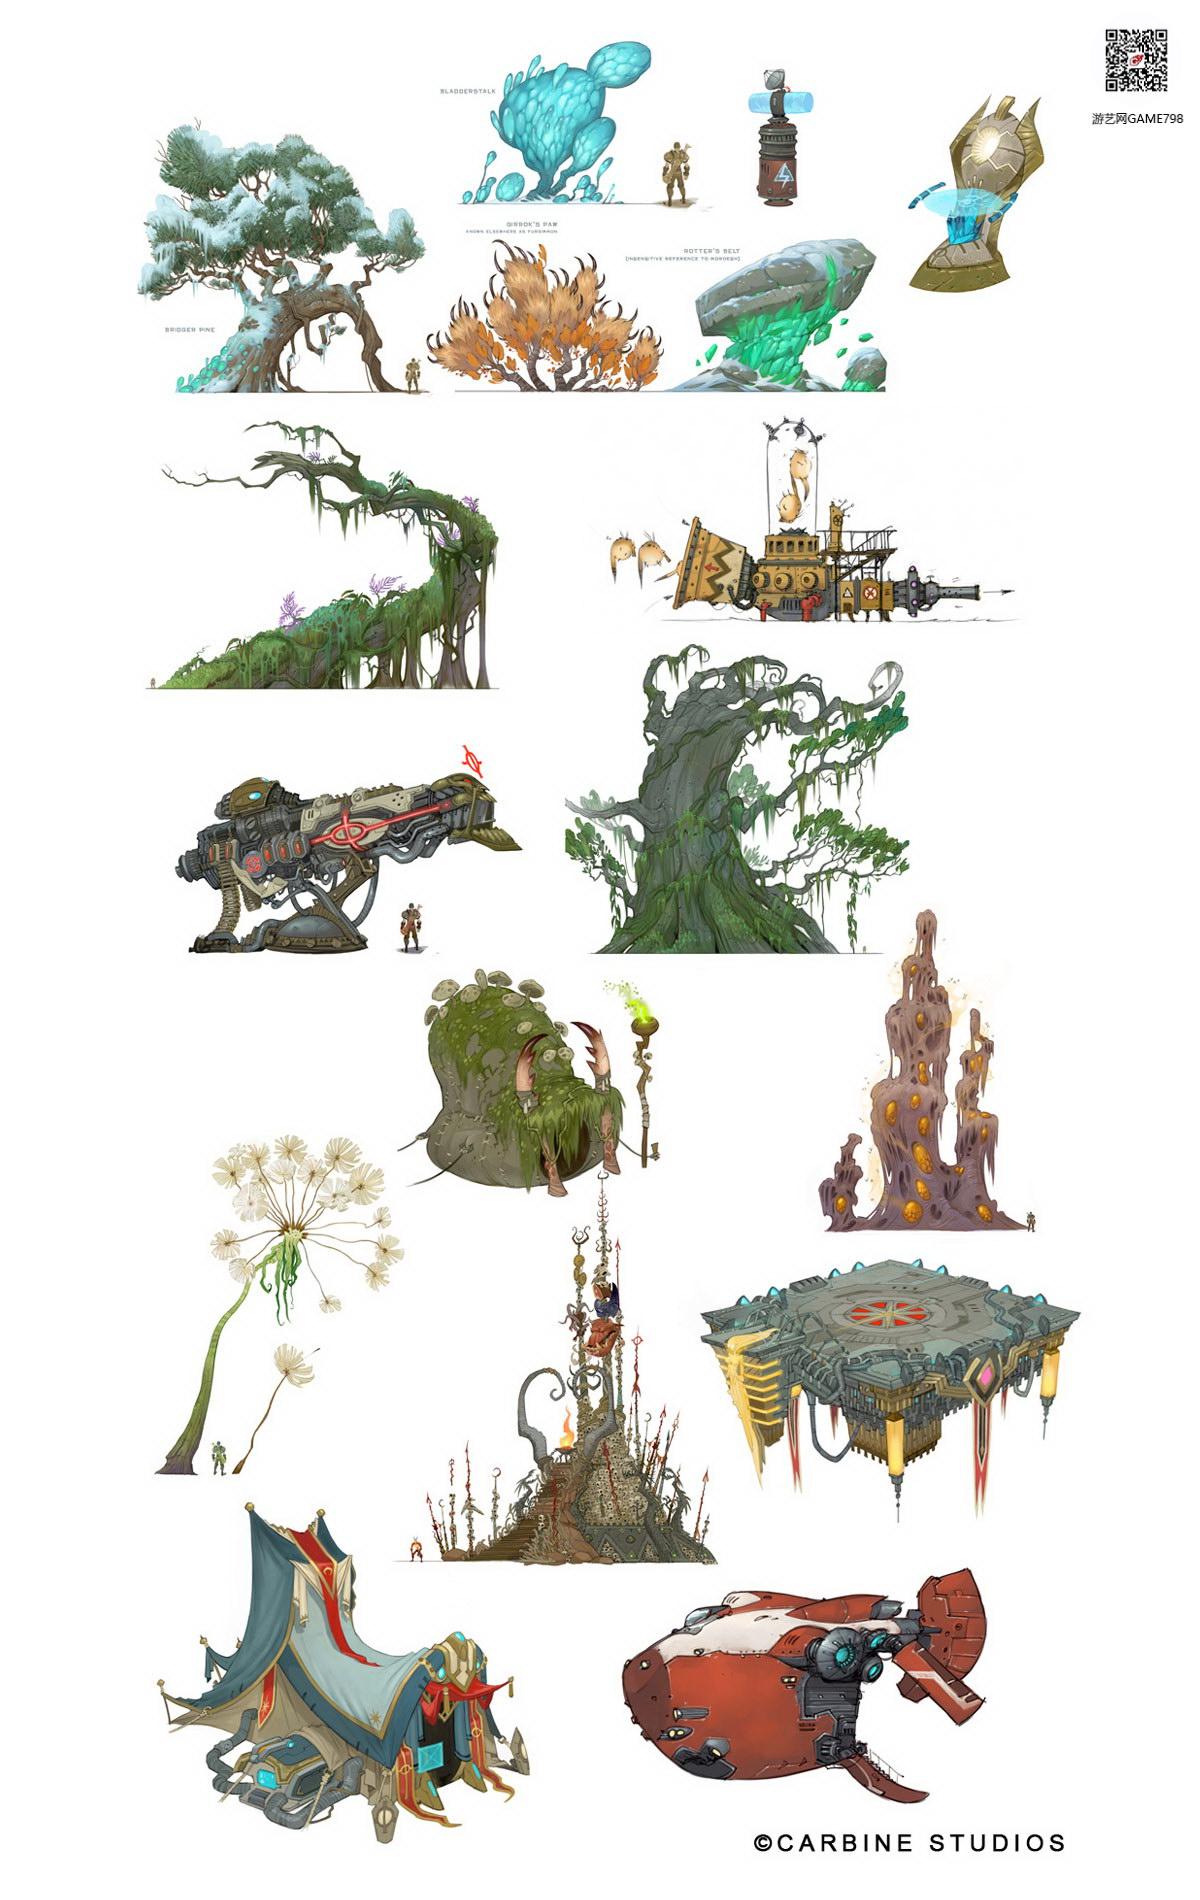 003_关注-游艺网GAME798.jpg